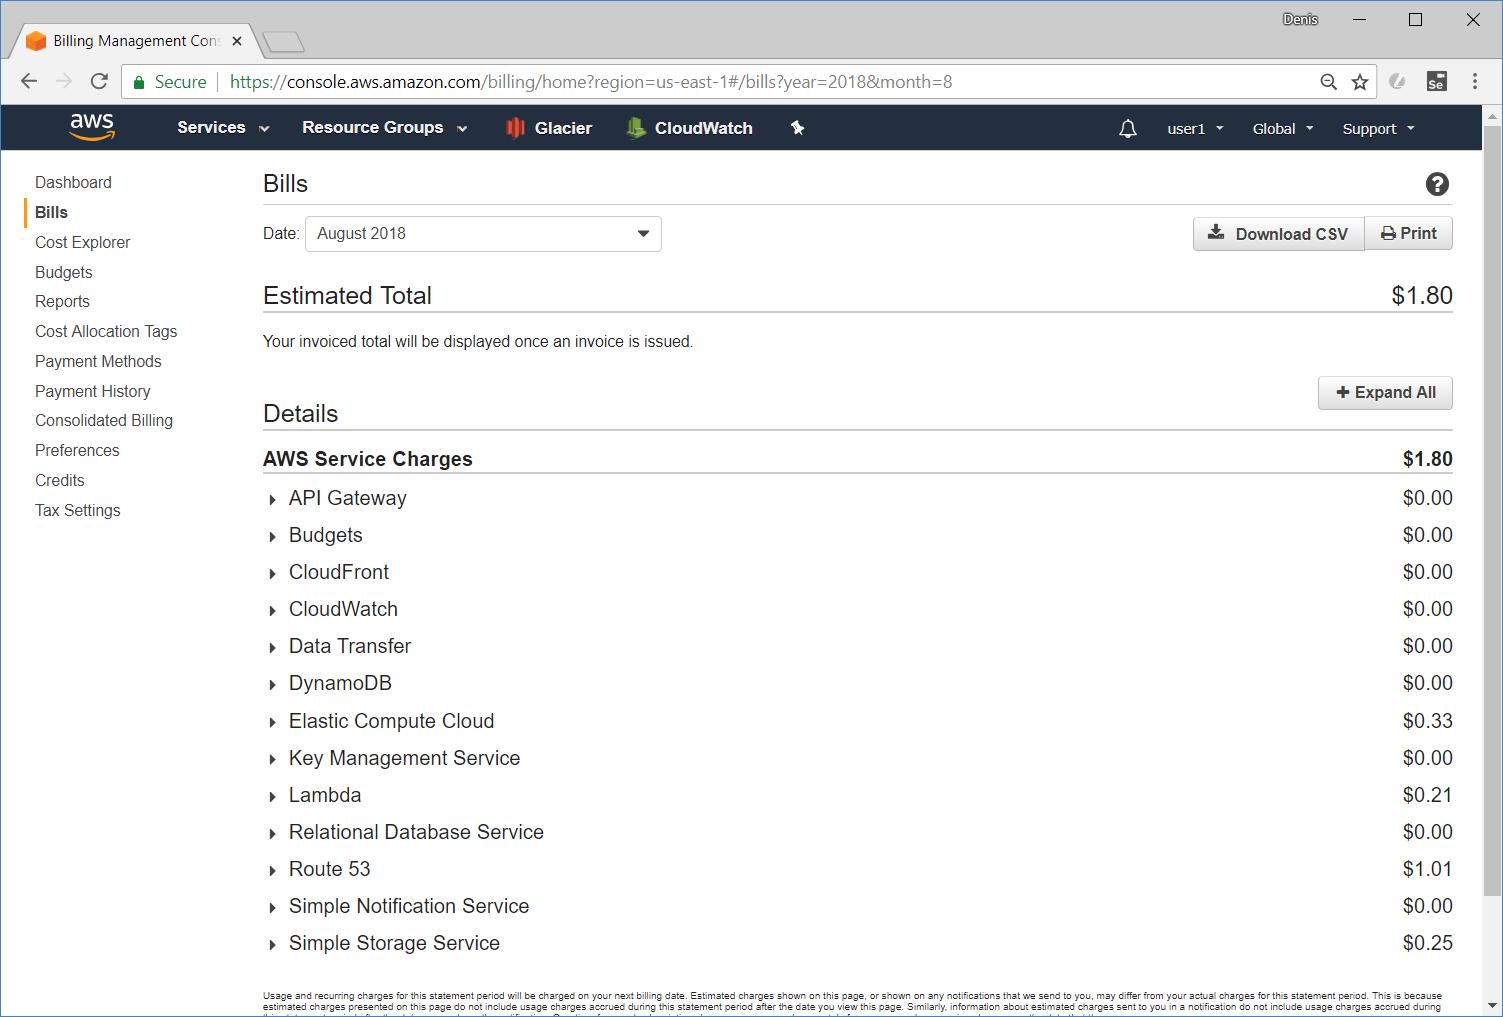 Размещение веб-приложения на Amazon Web Services. Дёшево. Возможно ли это? - 5